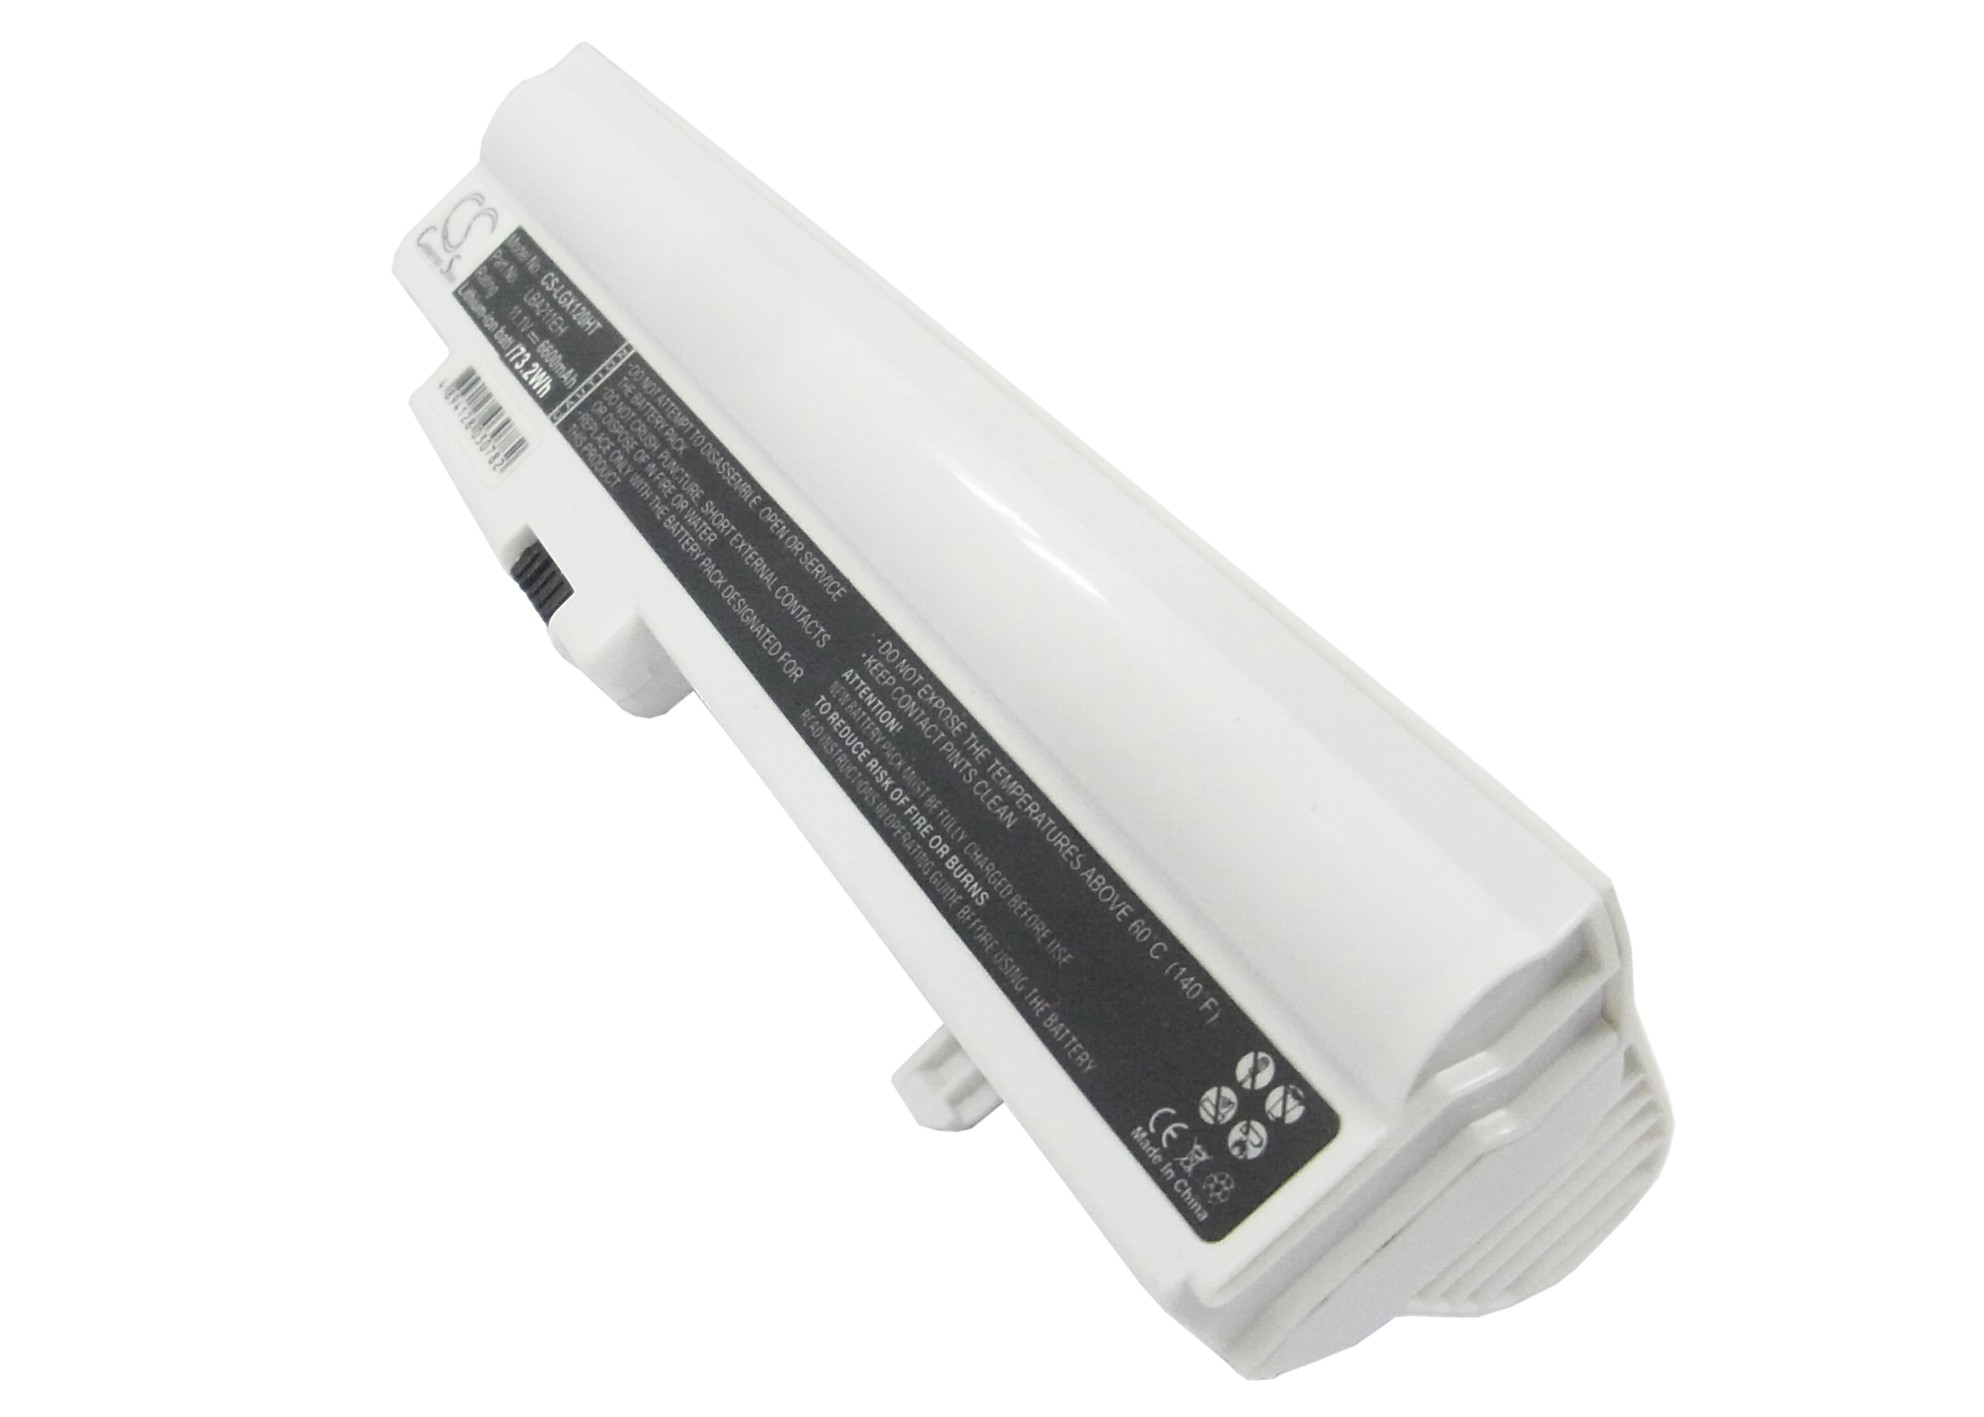 Cameron Sino baterie do netbooků pro LG X120-L.C7L1A9 11.1V Li-ion 6600mAh bílá - neoriginální